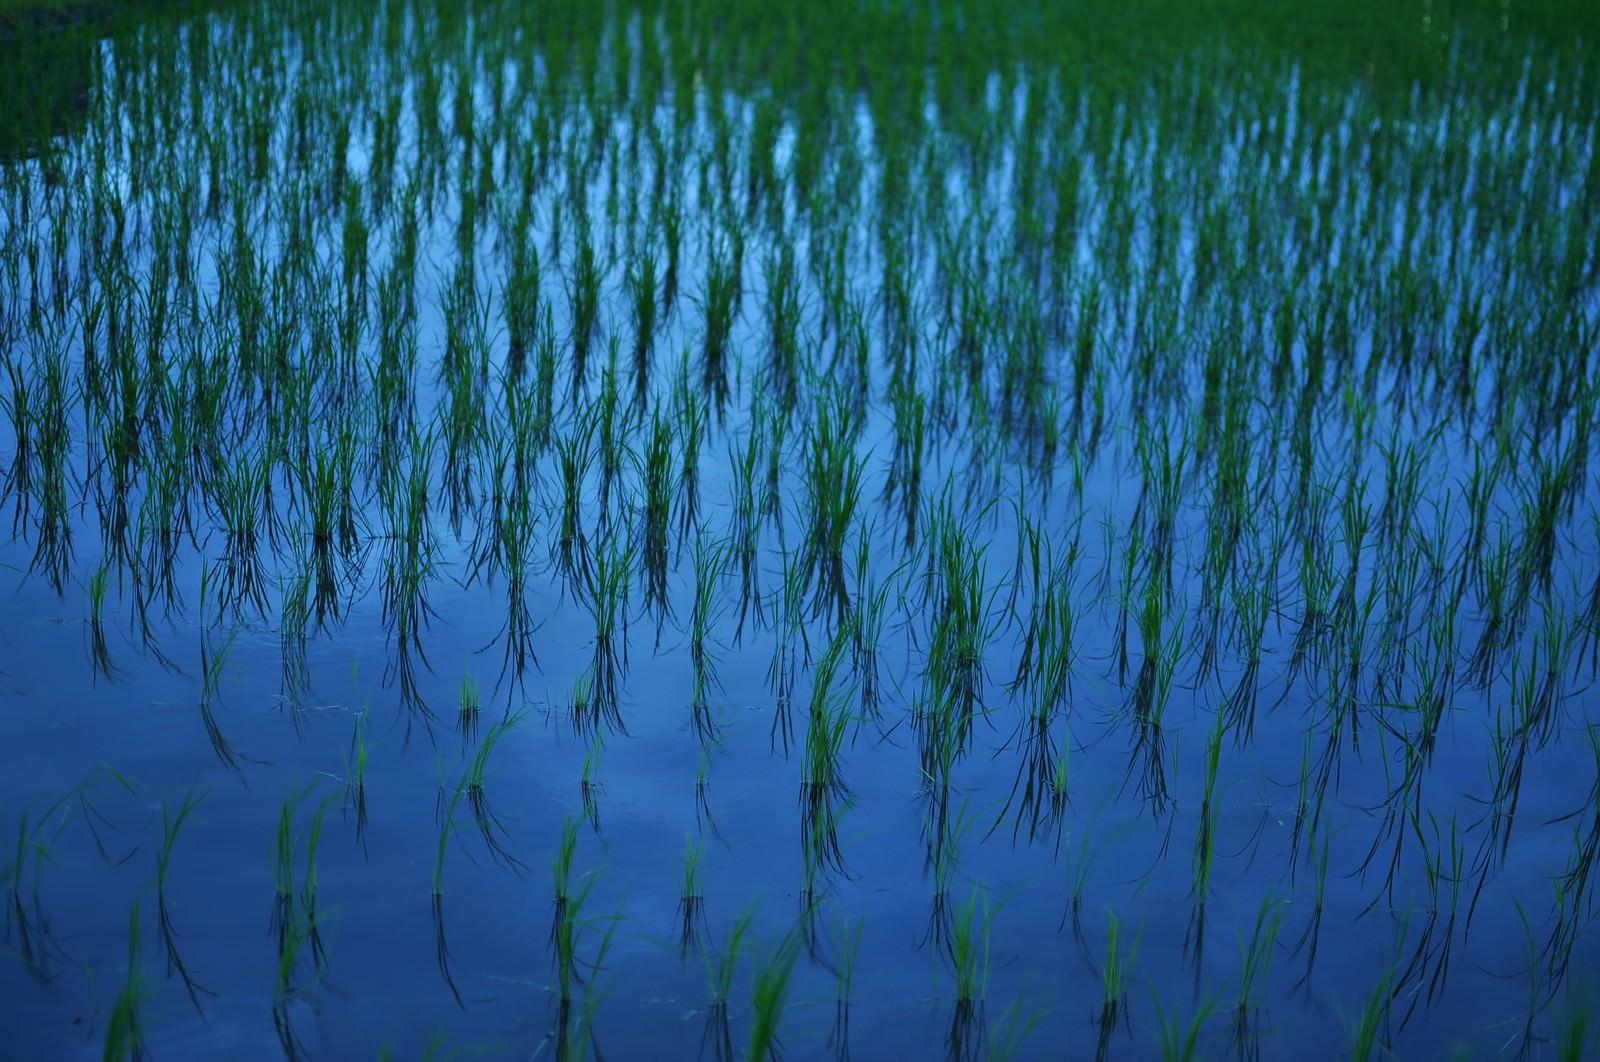 「日没後の水田日没後の水田」のフリー写真素材を拡大